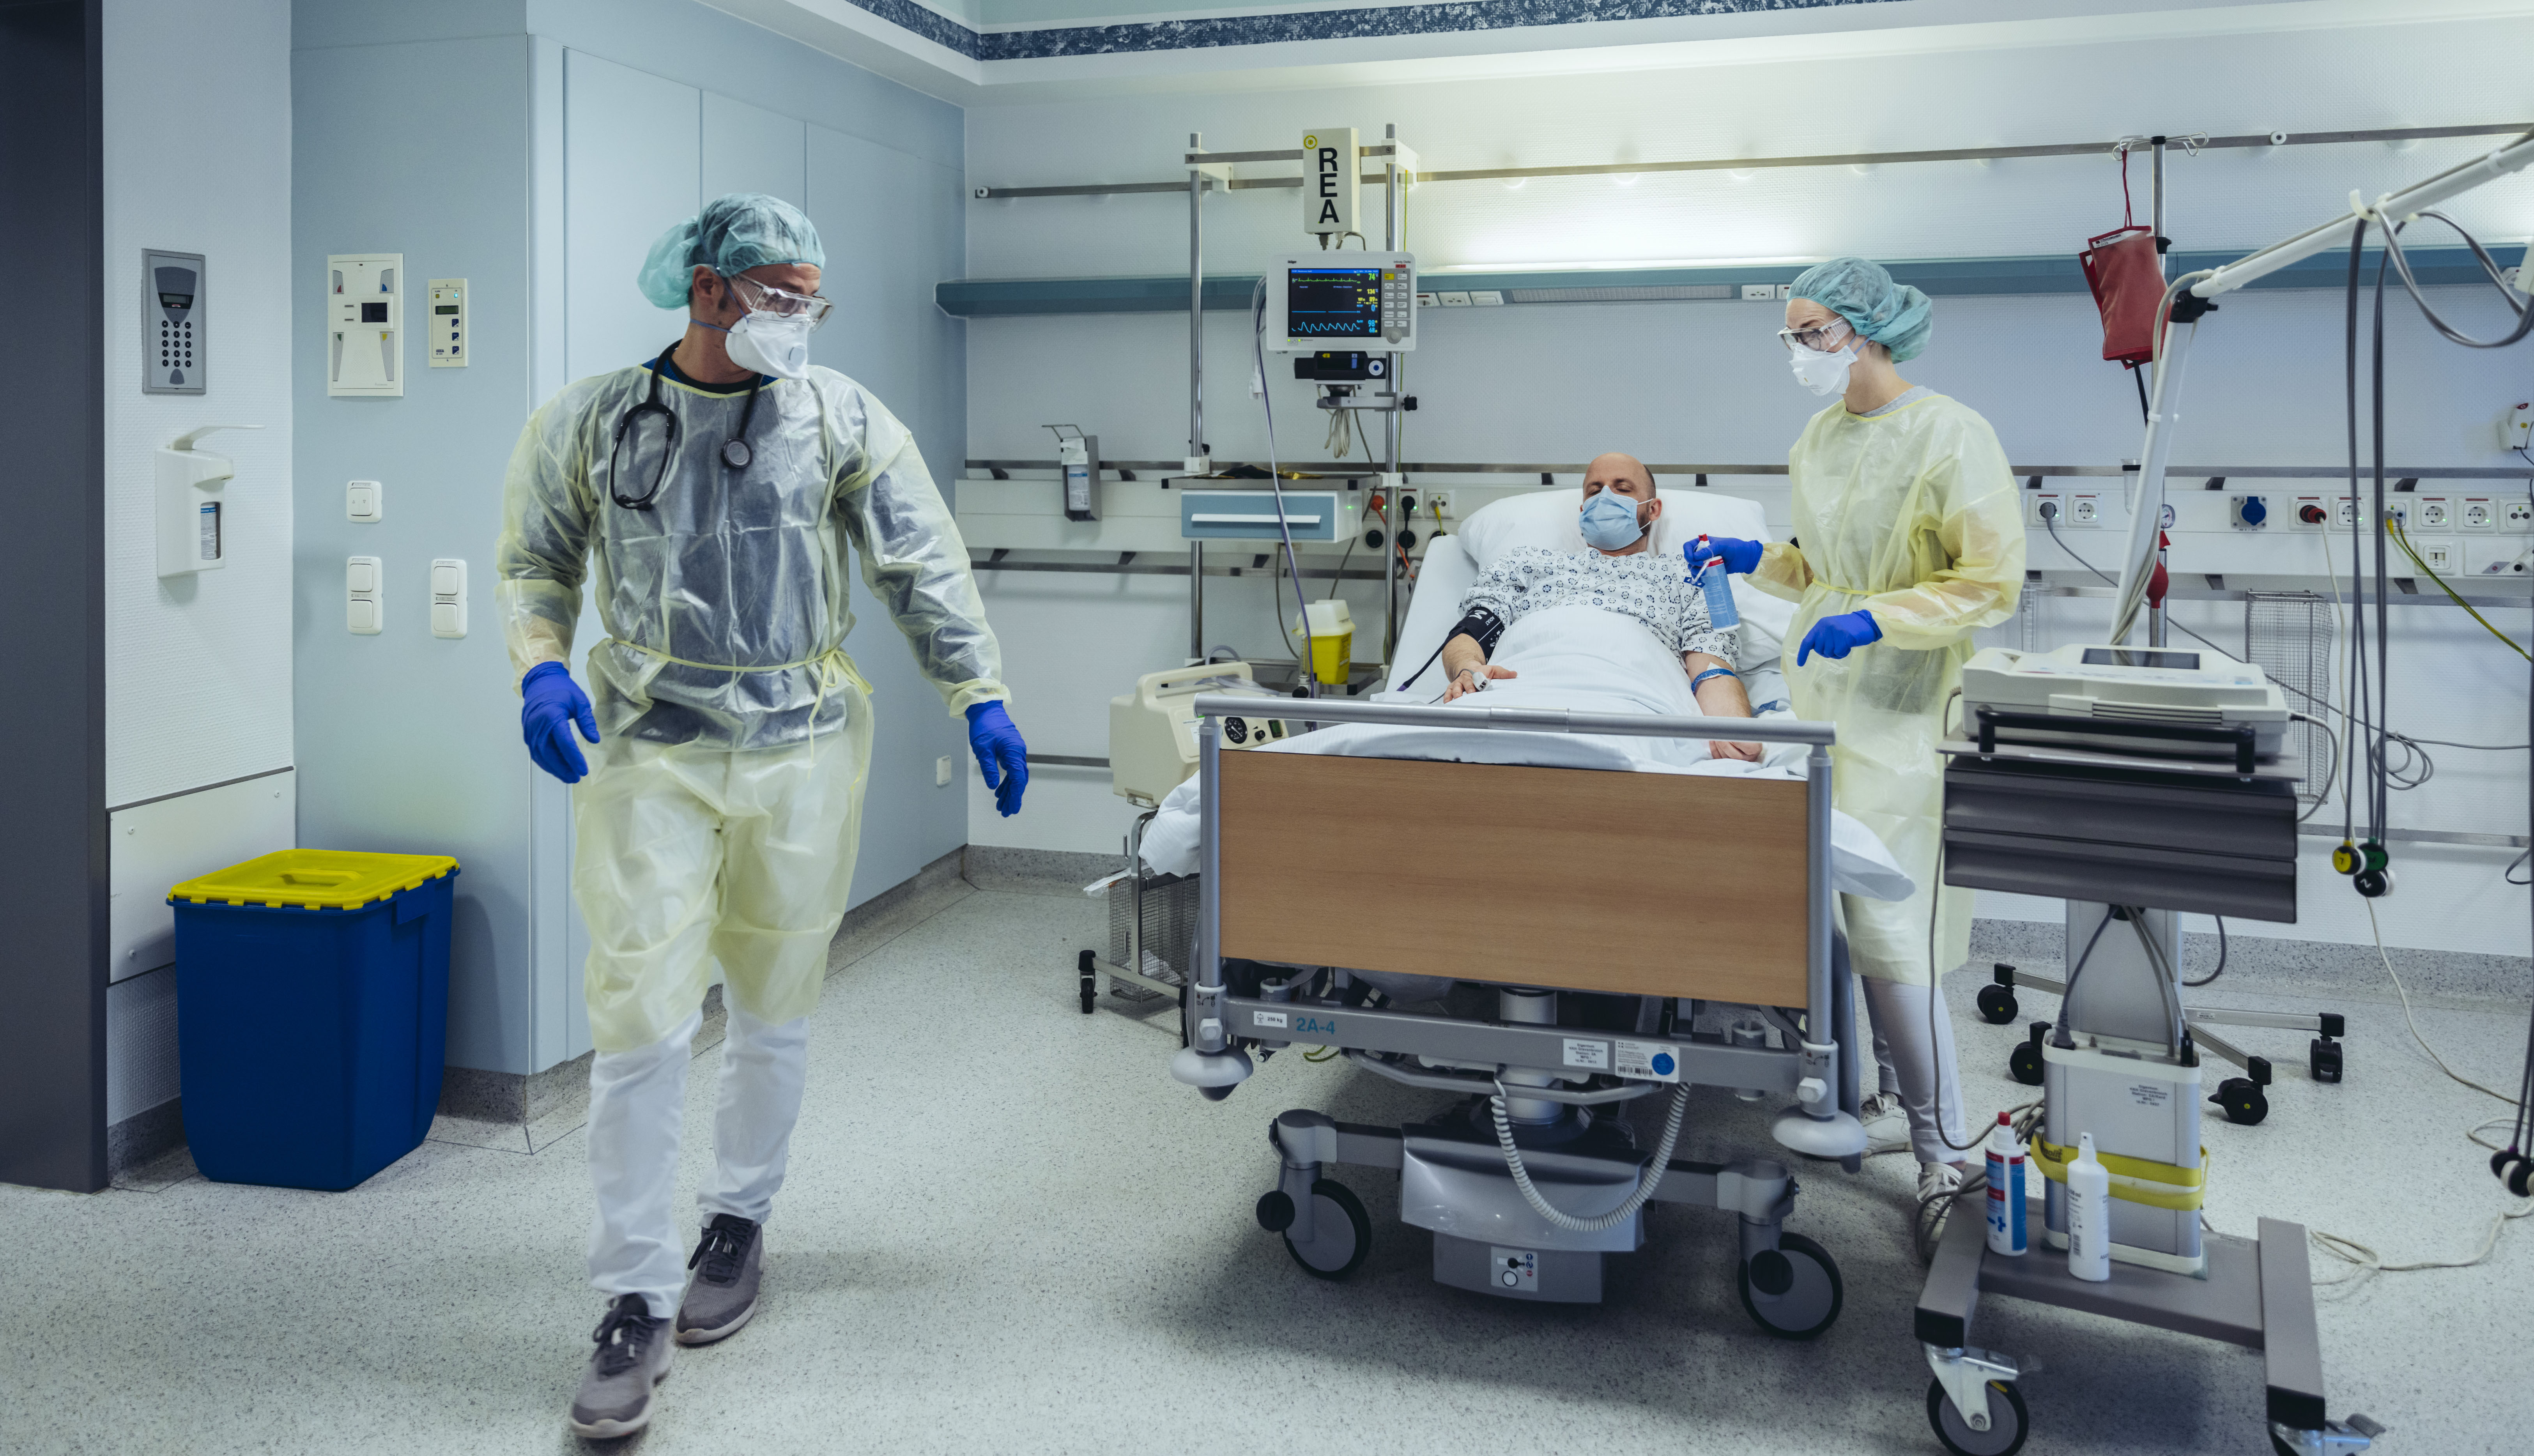 Empleados de hospital con equipo protector atienden a un paciente en camilla